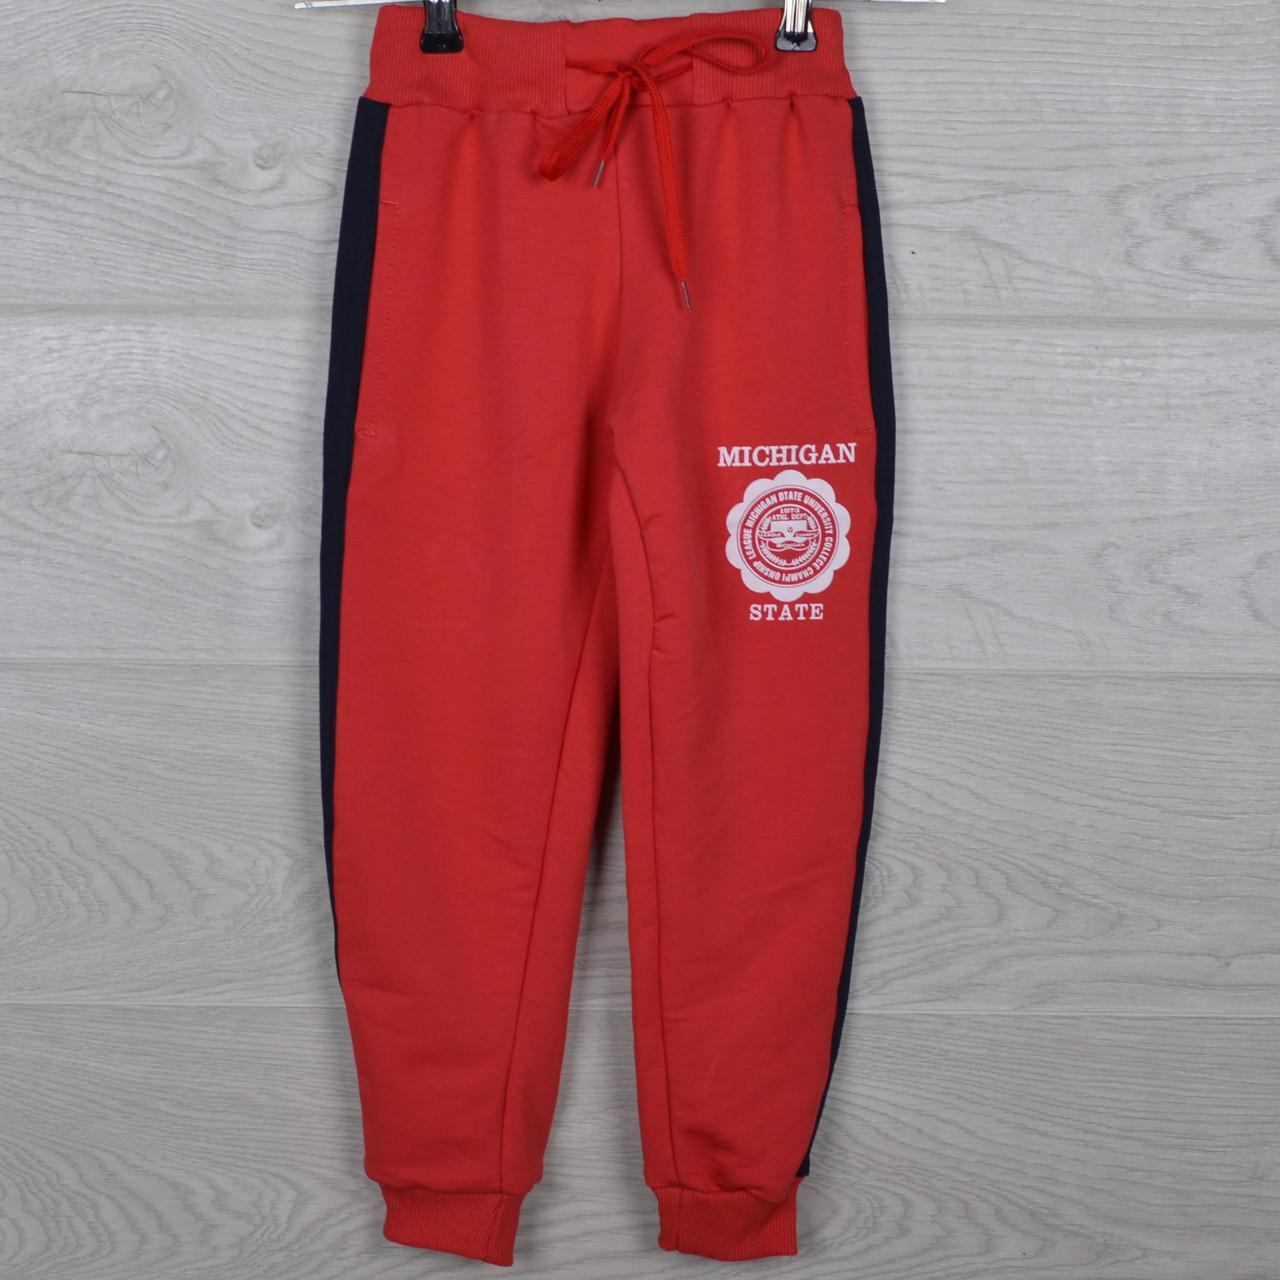 """Спортивные штаны детские """"Michigan State"""" 5-6-7-8-9 лет (110-134 см). Красные. Оптом"""